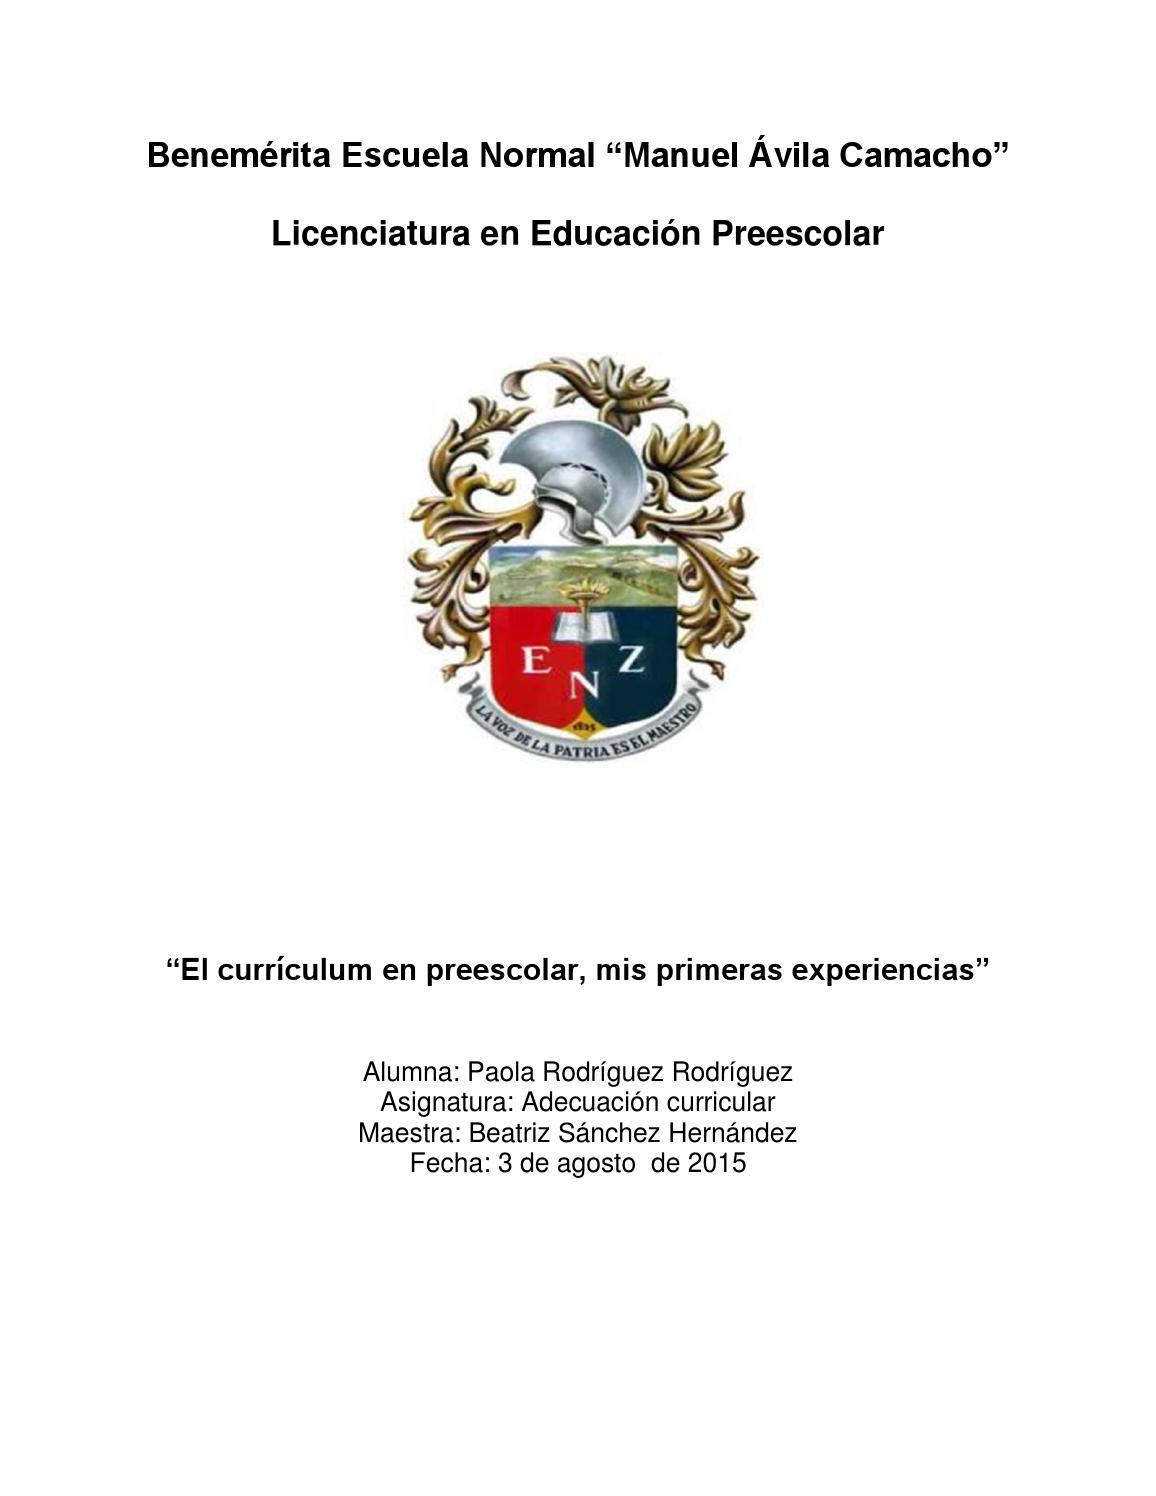 ensayo el curriculum en preescolar by Paola Rodriguez - issuu